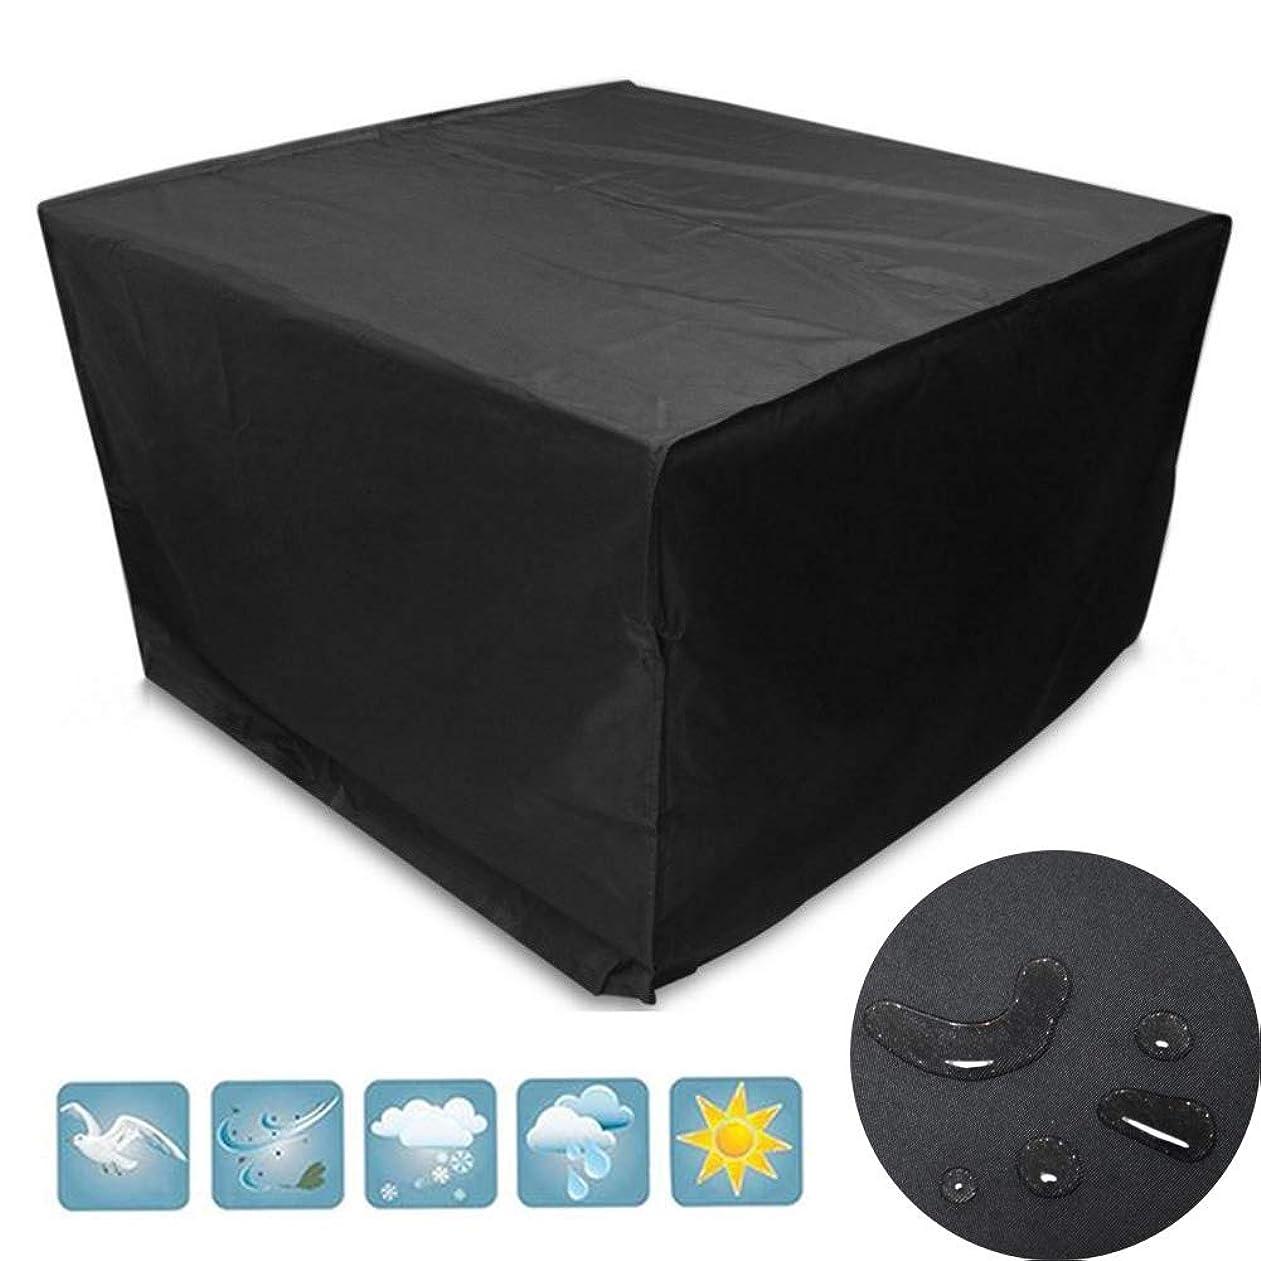 研磨柔和仕えるLITINGFC ガーデン家具カバー屋外パティオテーブルカバー防塵防水通気性簡単に折りたためますオックスフォード布、24サイズ (Color : Black, Size : 130x130x90cm)